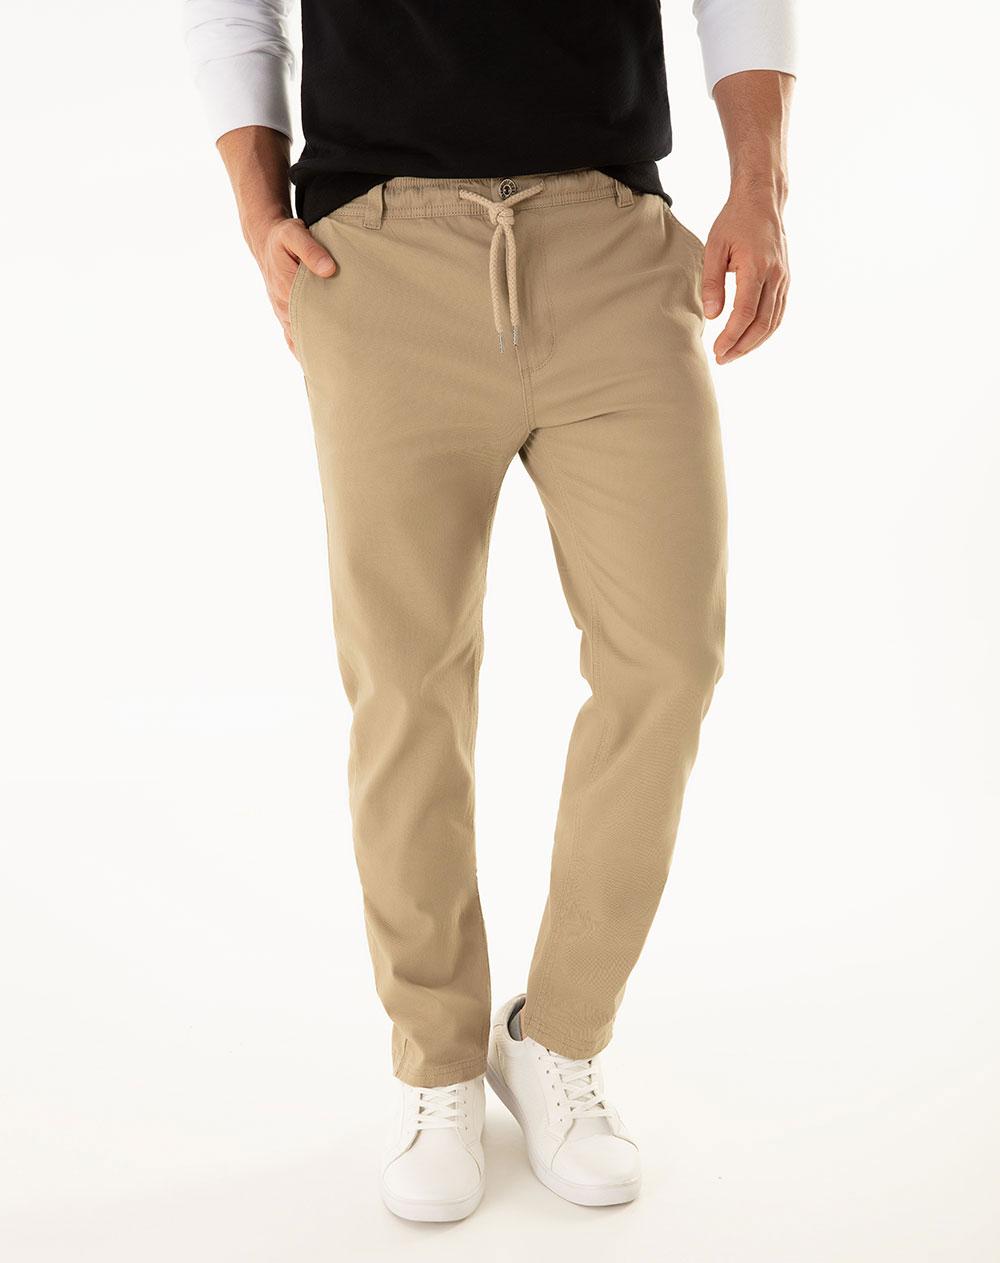 7107dd59f84d Pantalones para Hombre Gef